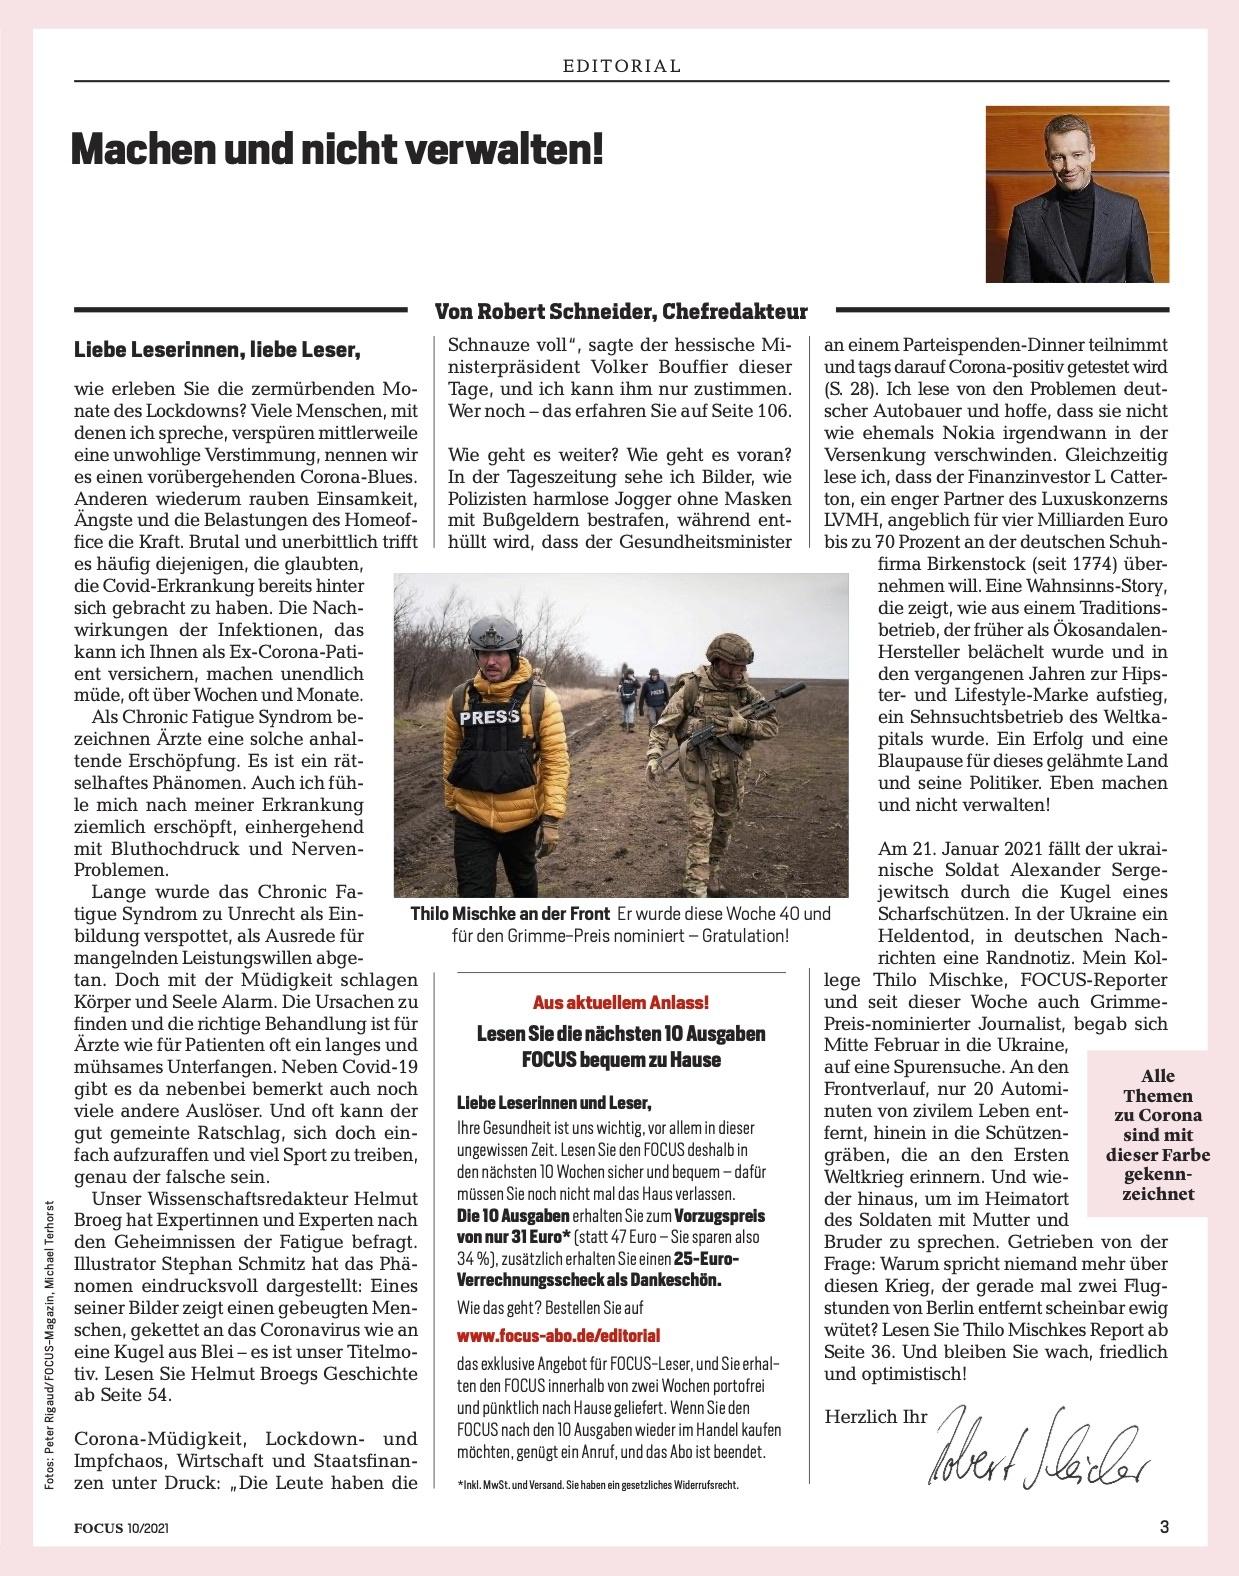 FOCUS Magazin FOCUS Magazin - In der Müdigkeits-Falle